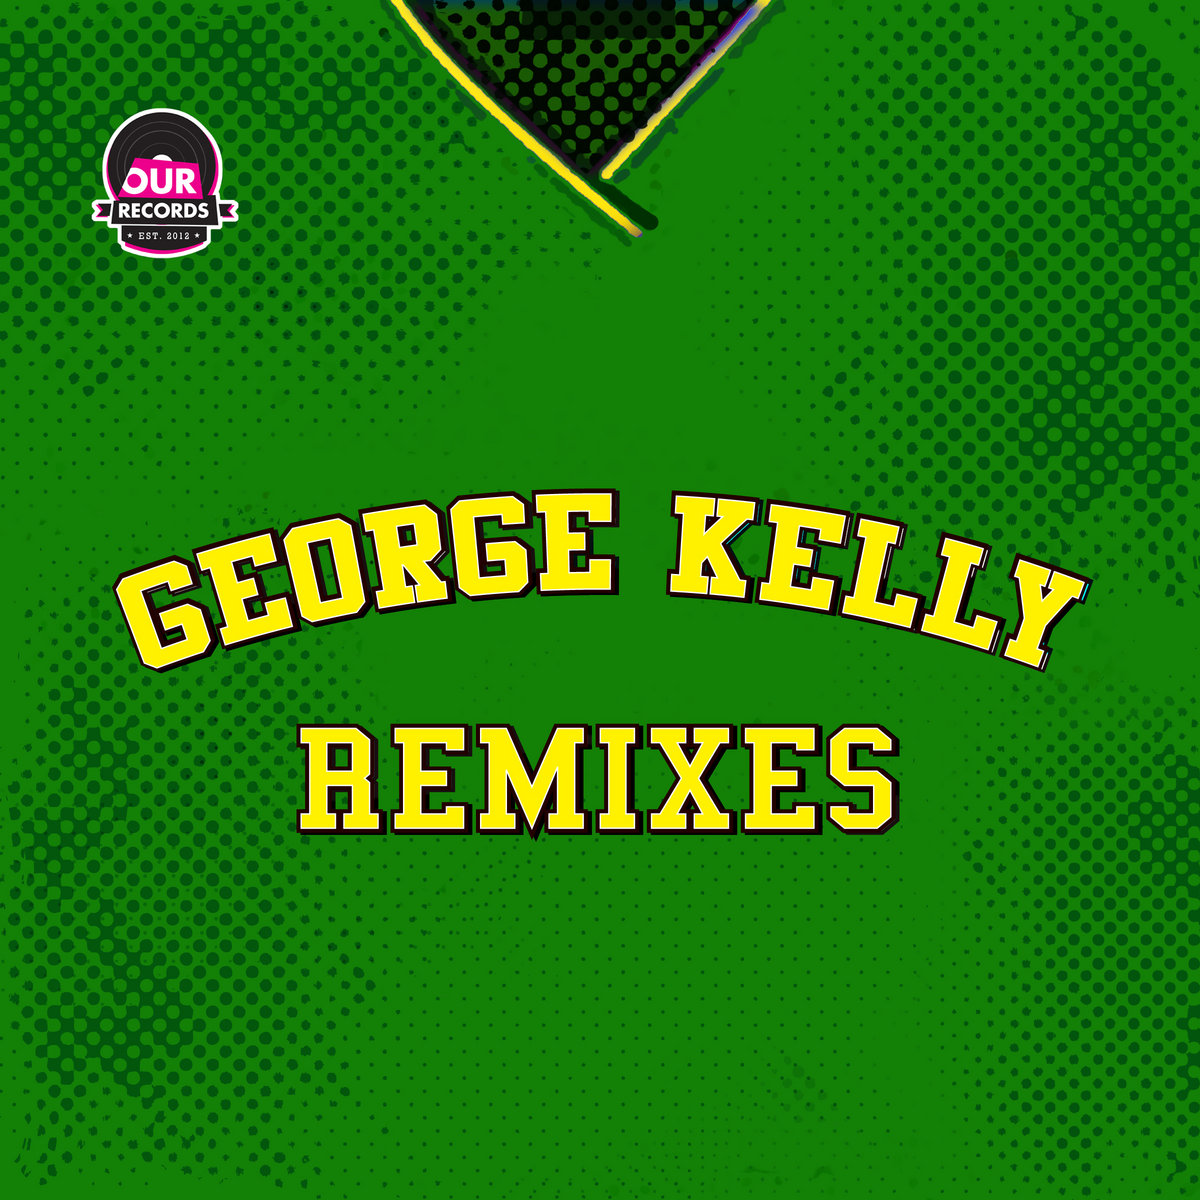 George Kelly Remixes George Kelly